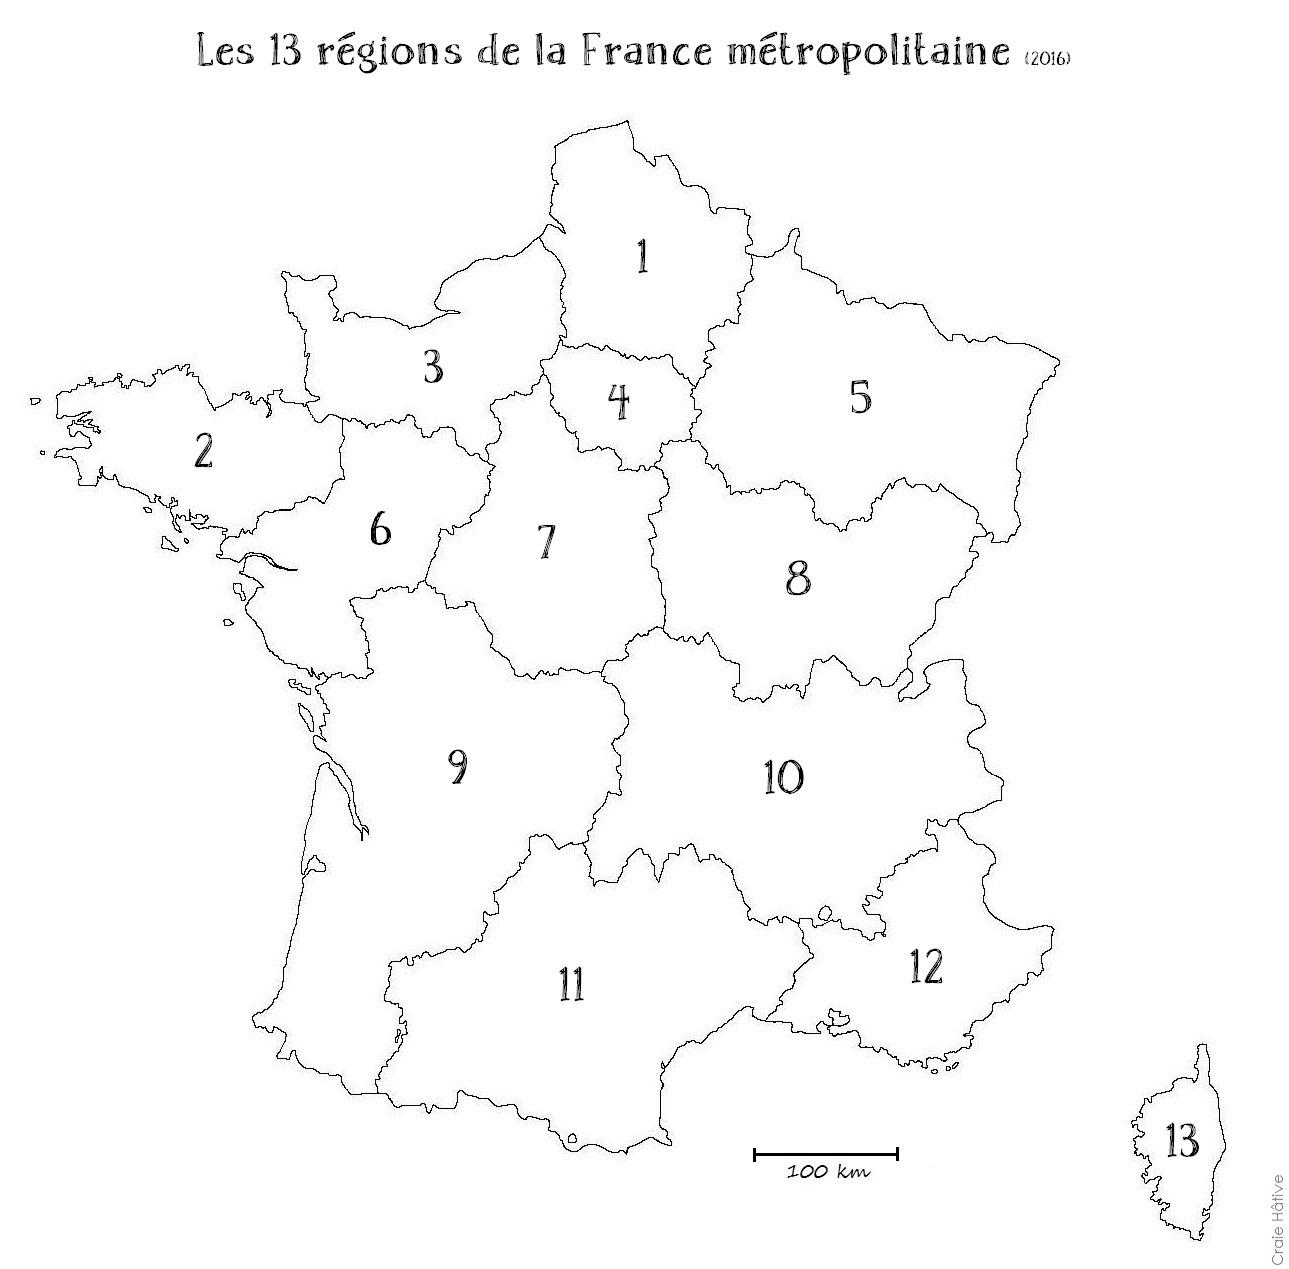 Cartes Des Régions De La France Métropolitaine - 2016 intérieur Carte France Département Vierge